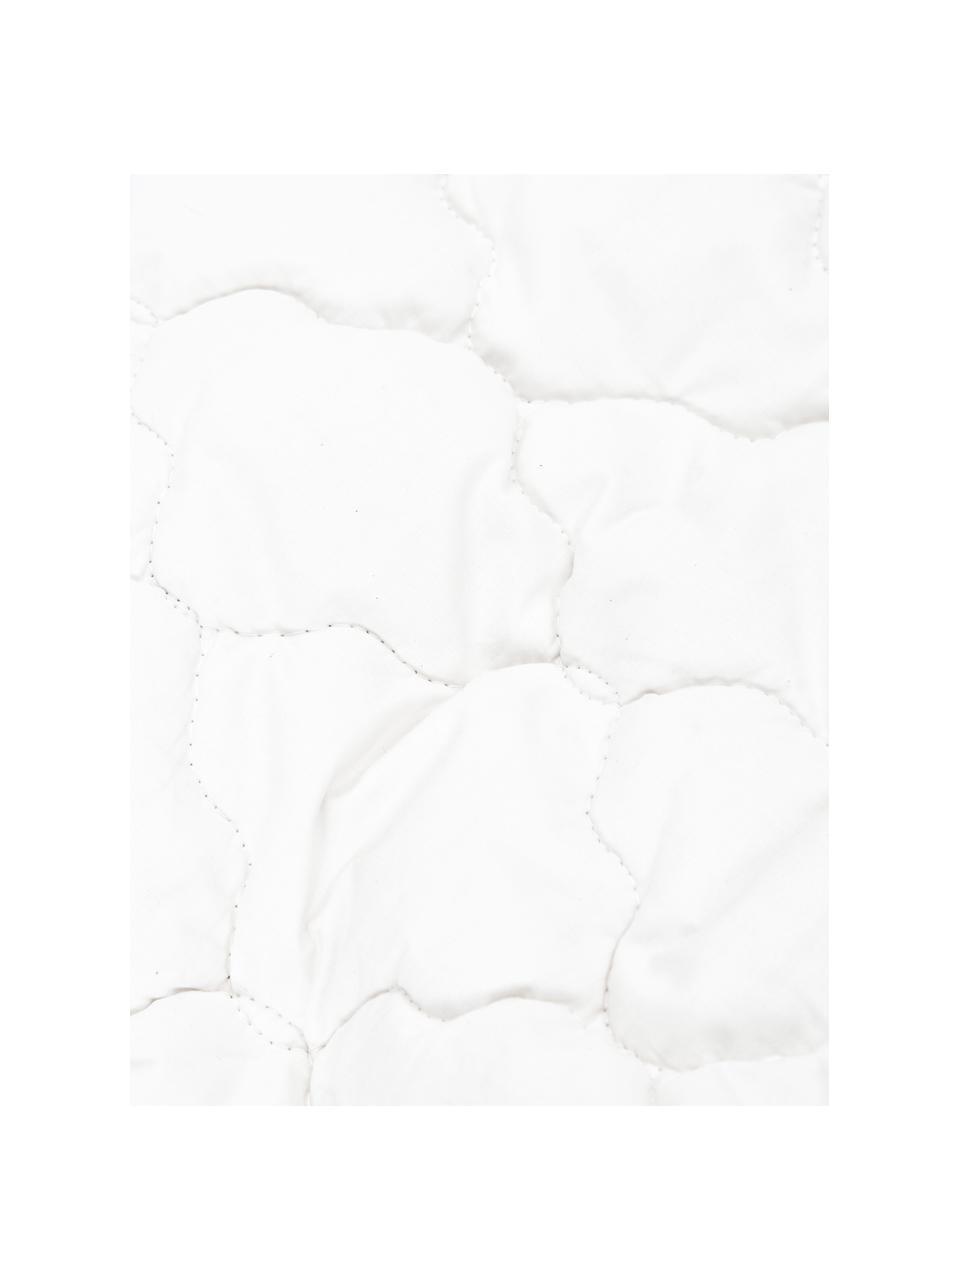 Veganes Kopfkissen Comfort mit Kapokfaser und Baumwolle, weich, Bezug: 100% Baumwolle, Weiss, 40 x 80 cm